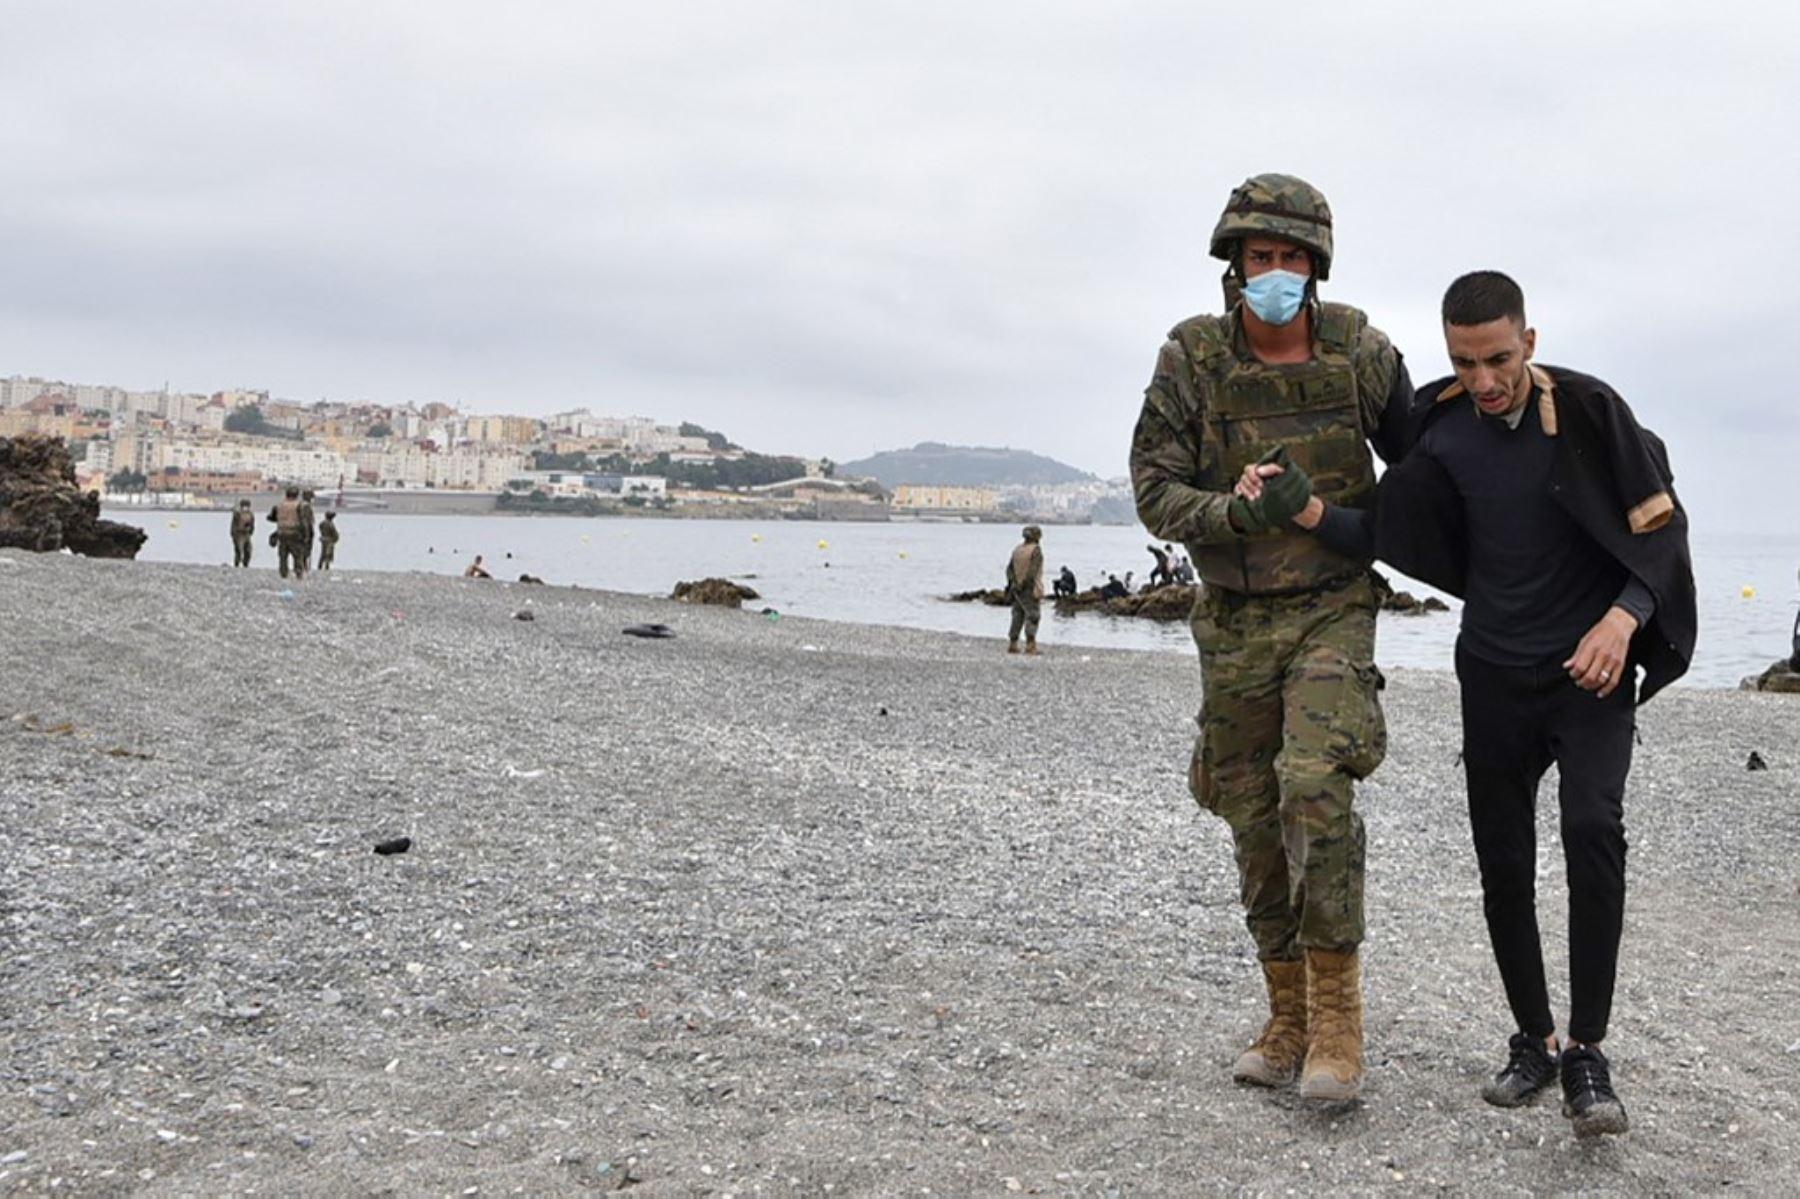 Un soldado español asiste a un migrante que llegó nadando al enclave español de Ceuta, el 18 de mayo de 2021 en Ceuta. - España ha devuelto a Marruecos casi la mitad de los 6.000 migrantes que entraron en su enclave de Ceuta, mientras cientos más intentaban entrar en su otro territorio del norte de África. Foto: AFP